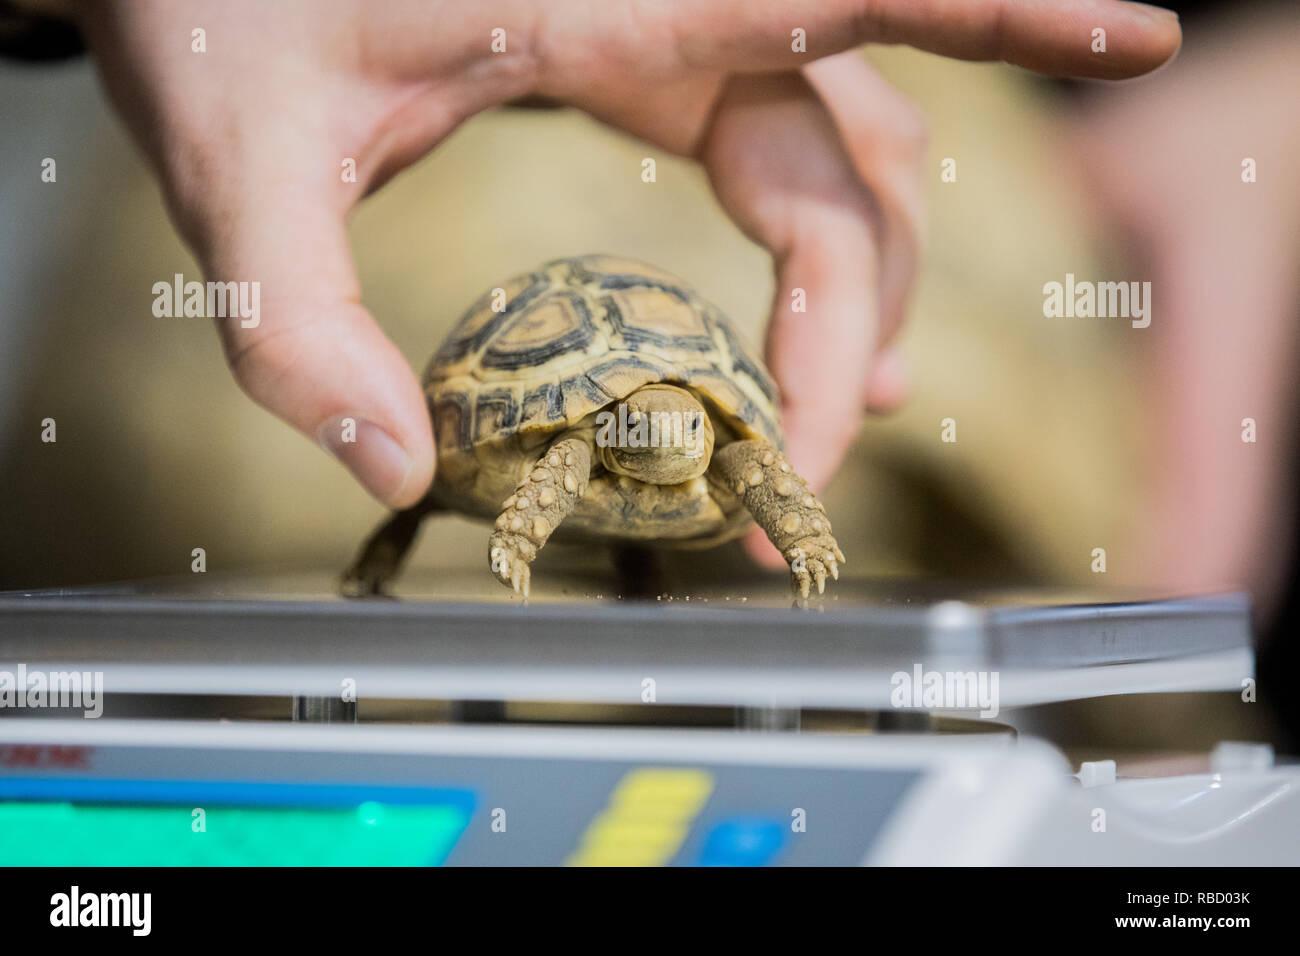 Duisburg, Germania. 9 Gen, 2019. Una piccola tartaruga panther si siede su una scala durante un inventario a Zoo di Duisburg. Credito: Rolf Vennenbernd/dpa/Alamy Live News Immagini Stock